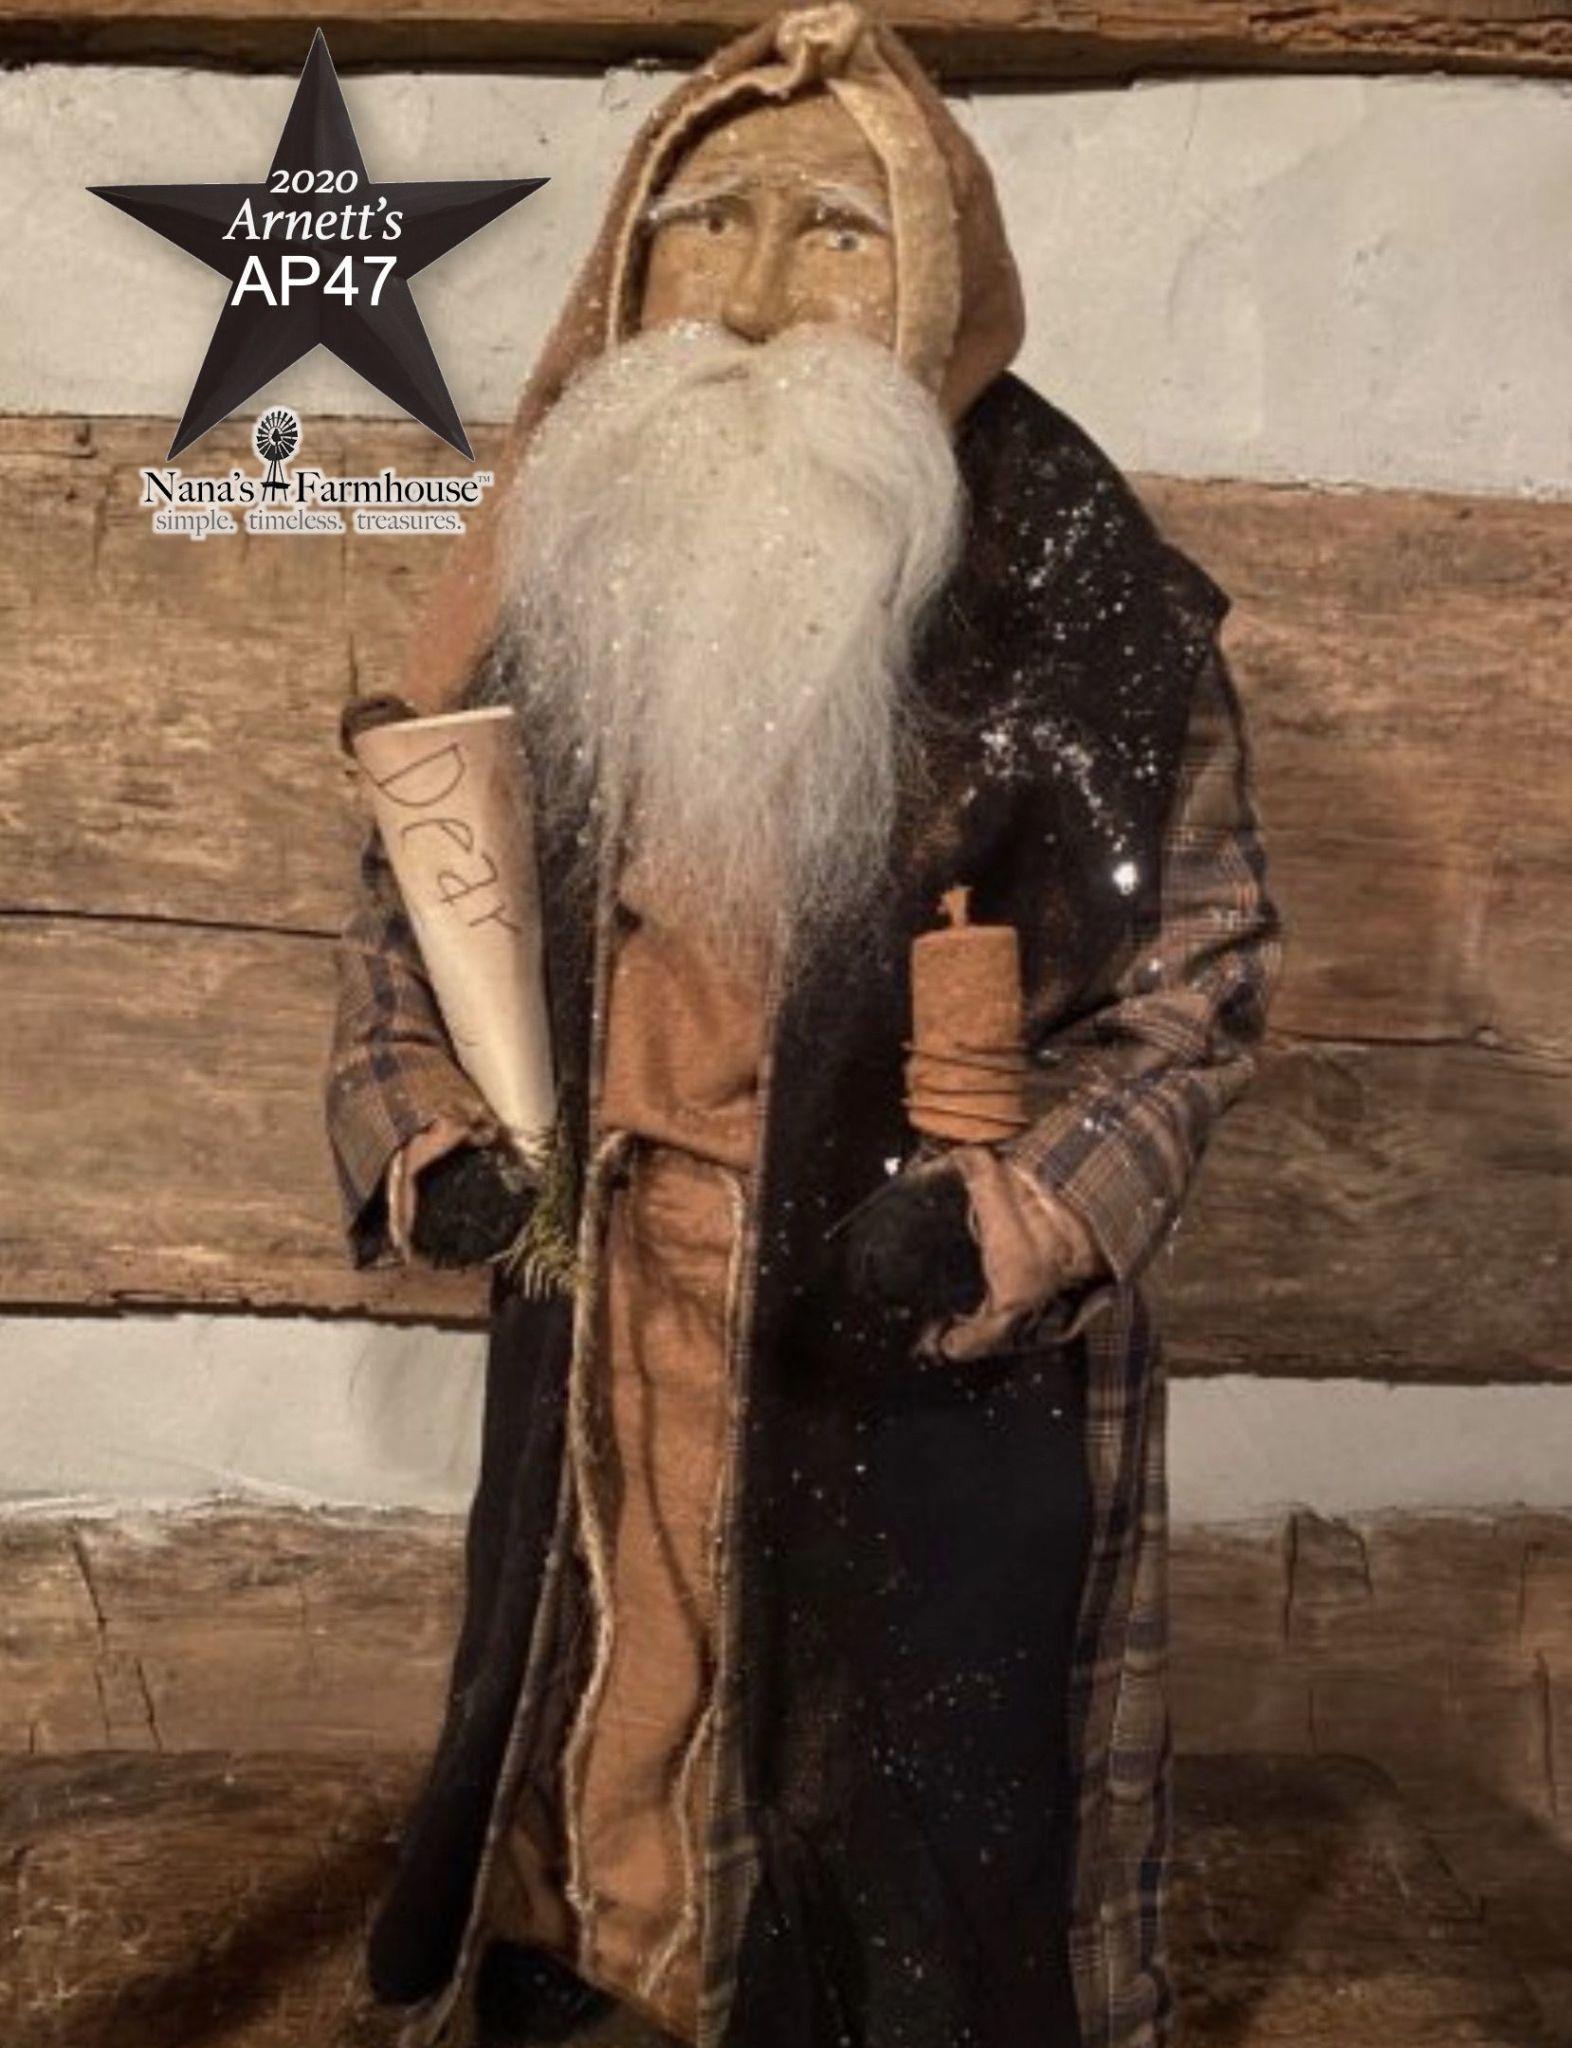 Arnett's AP47 Arnett's Santa Gown with Sash Holding Candle